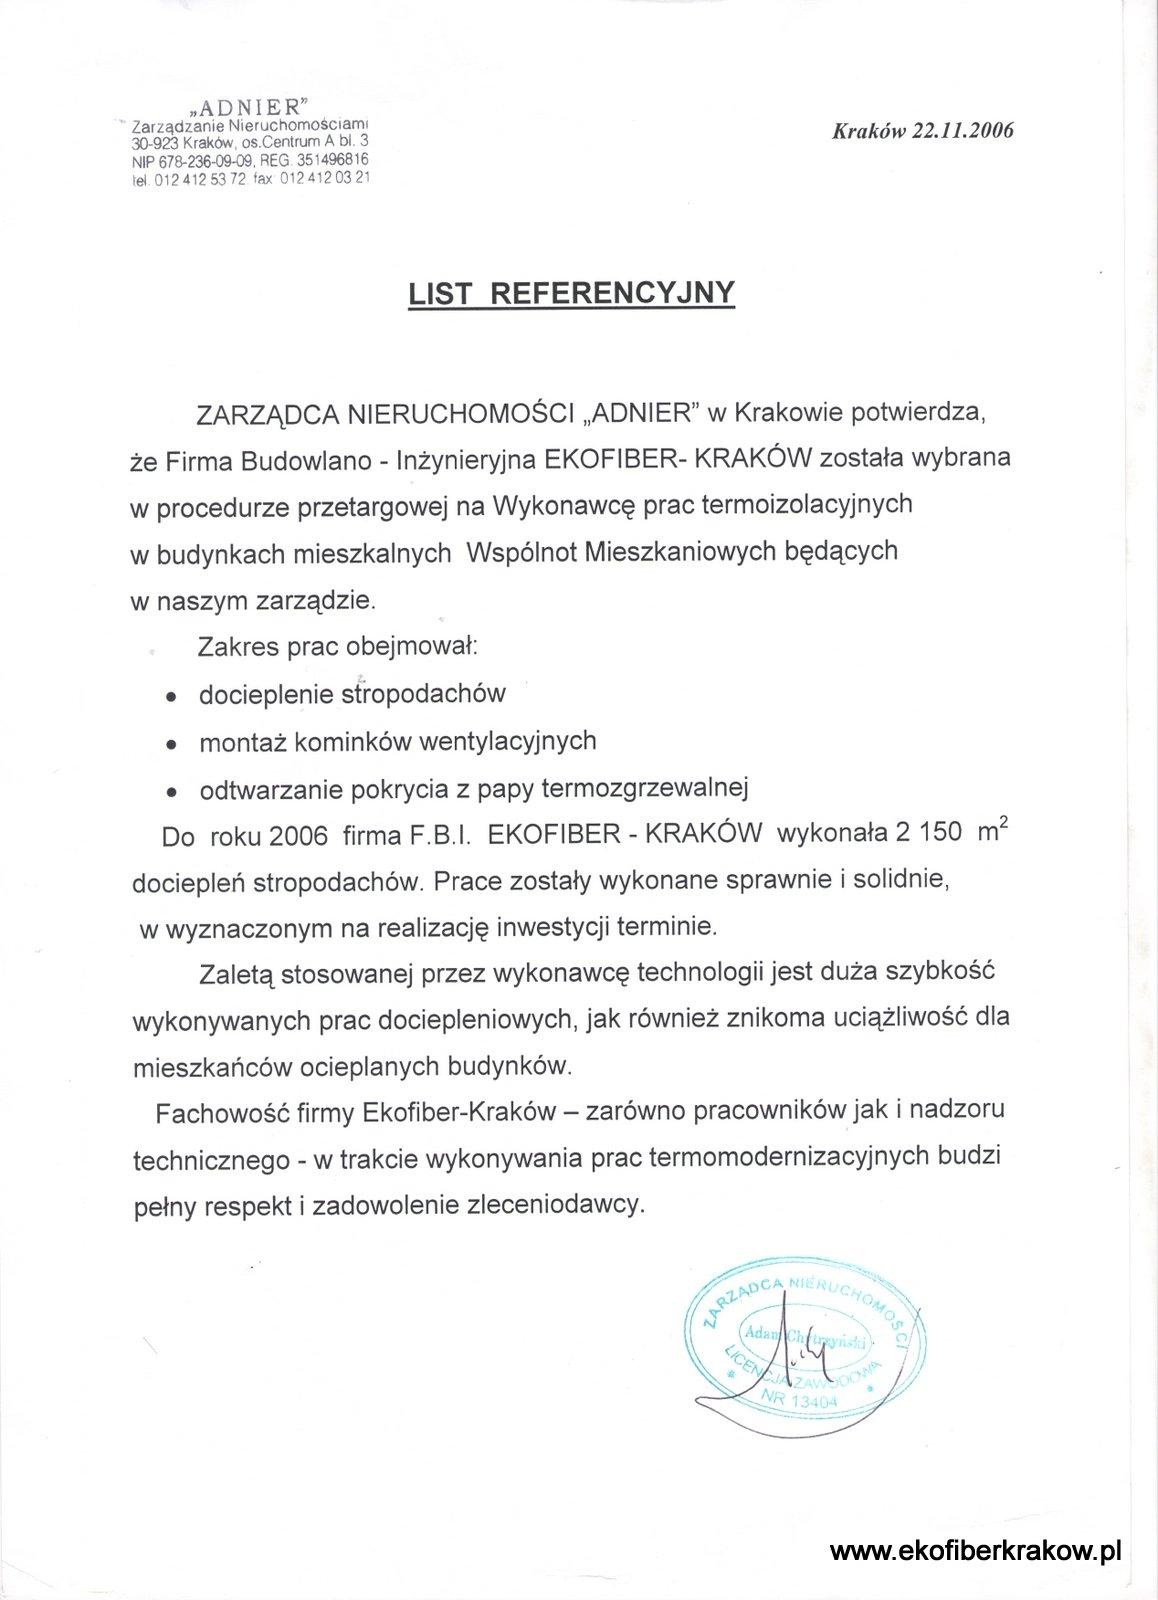 Referencje Adnier Kraków